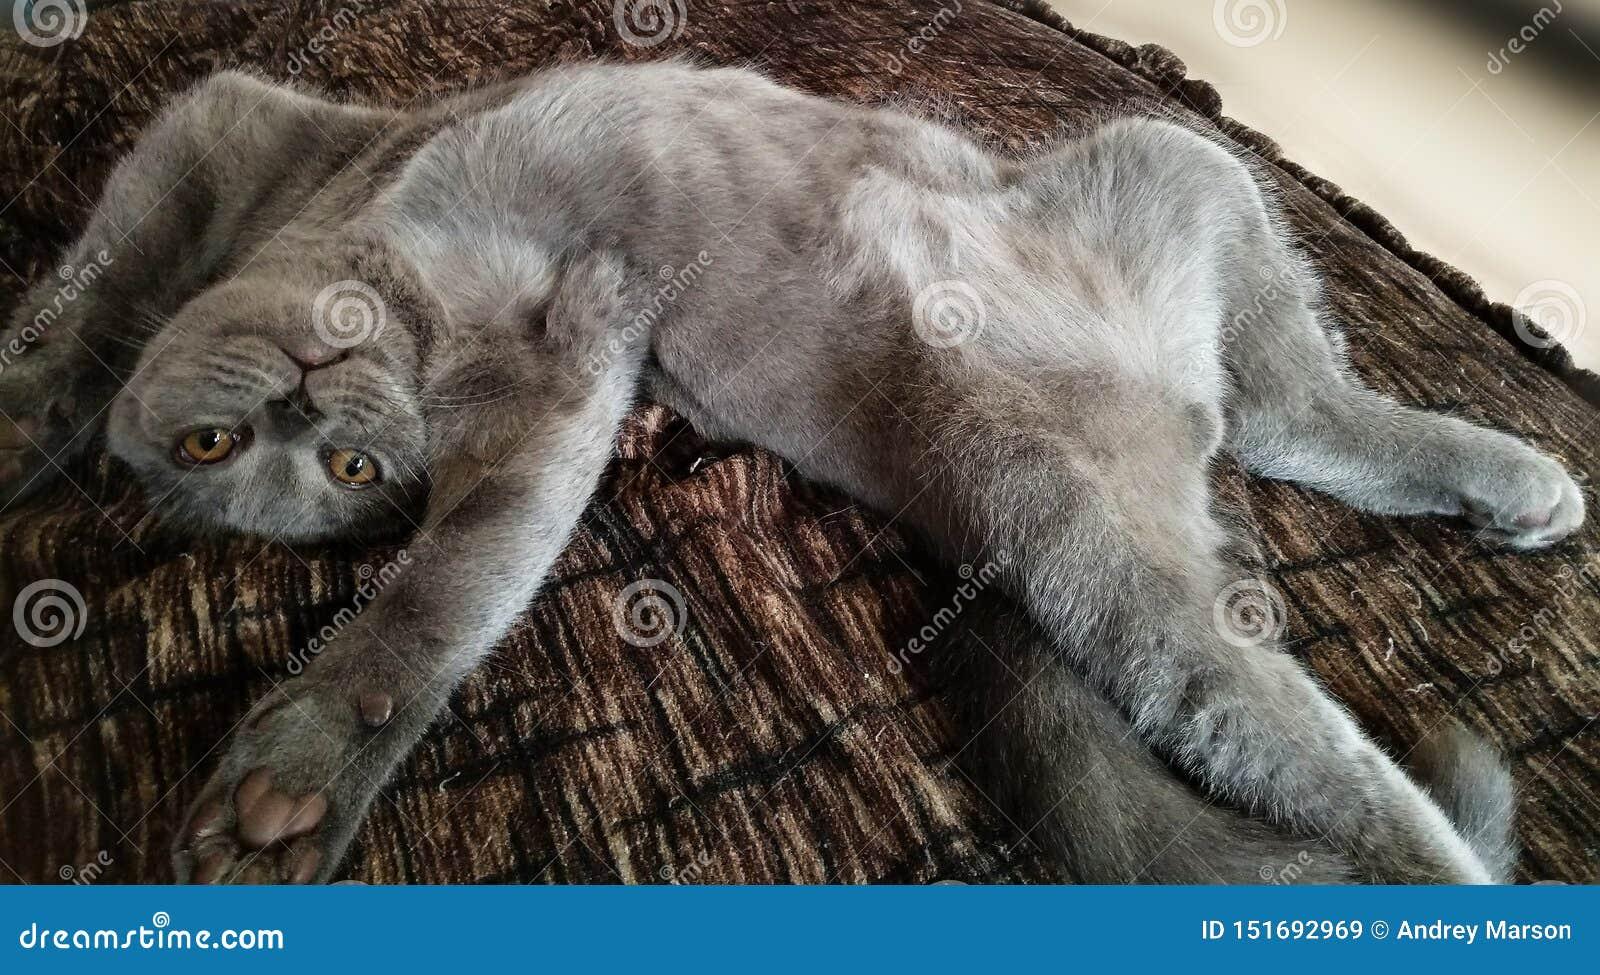 De Schotse blauwe kat ligt op zijn rug Poot aan de kanten